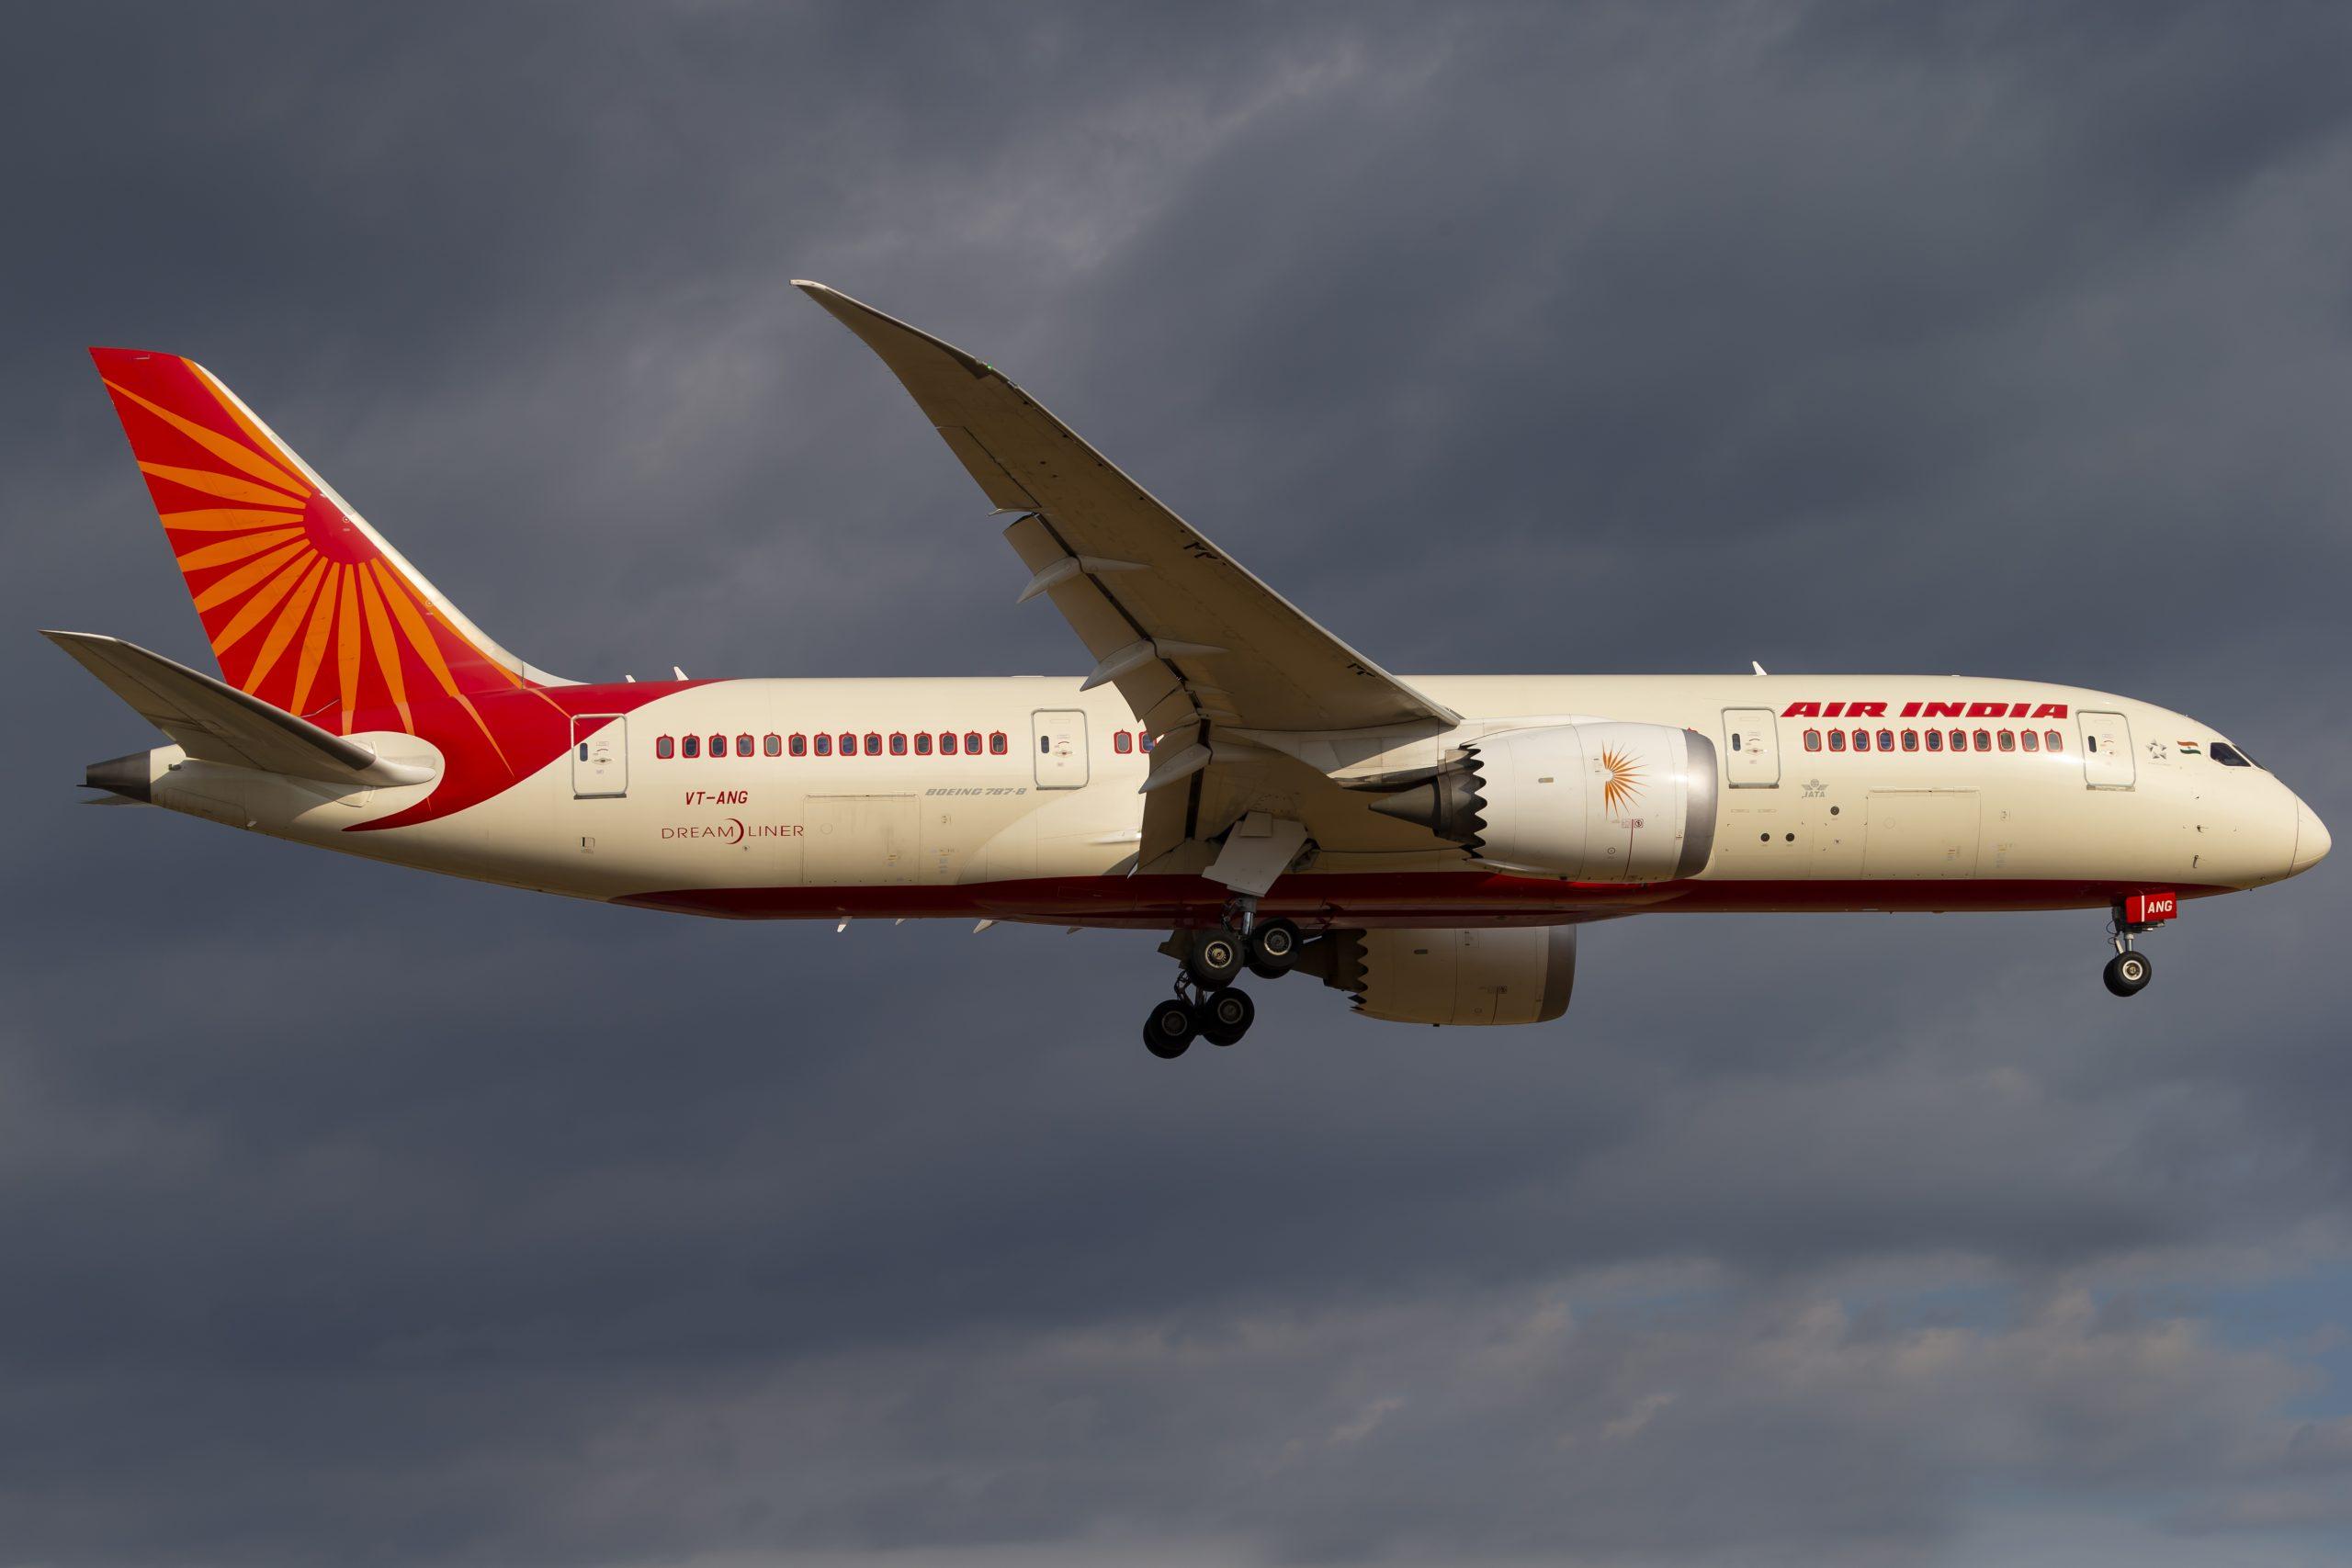 En Boeing 787-8 Dreamliner fra Air India. Foto: © Thorbjørn Brunander Sund, Danish Aviation Photo